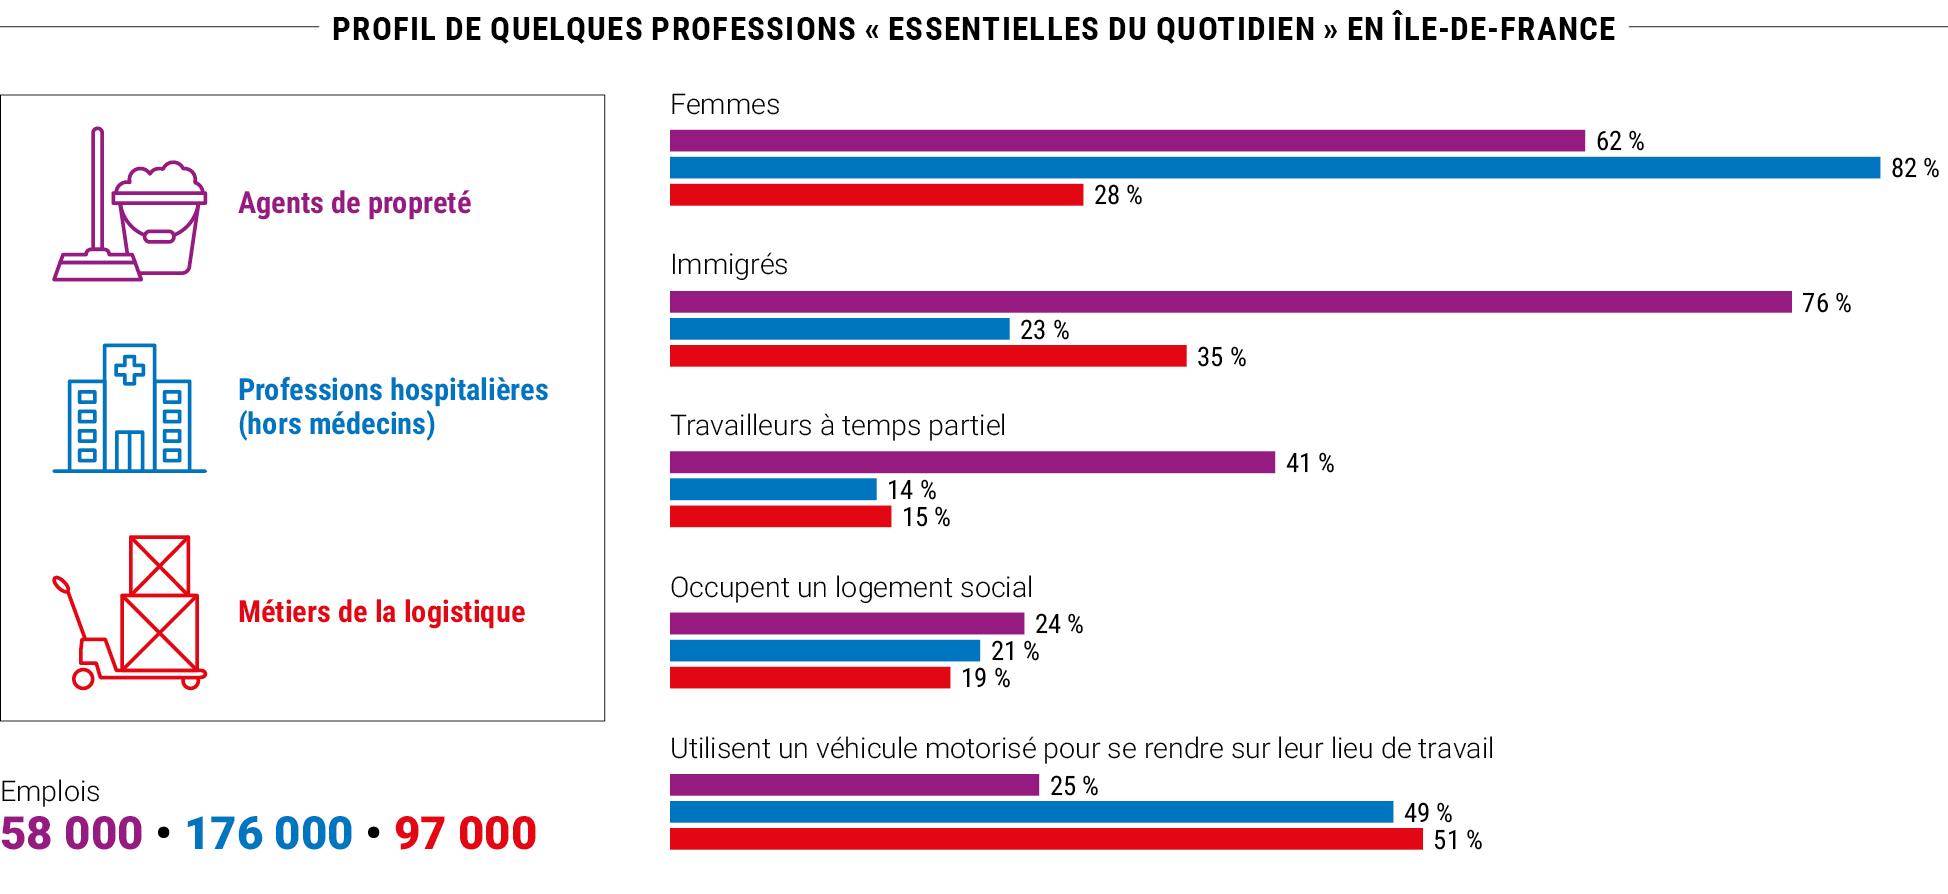 Profil de quelques professions « essentielles du quotidien » en Île-de-France © Apur